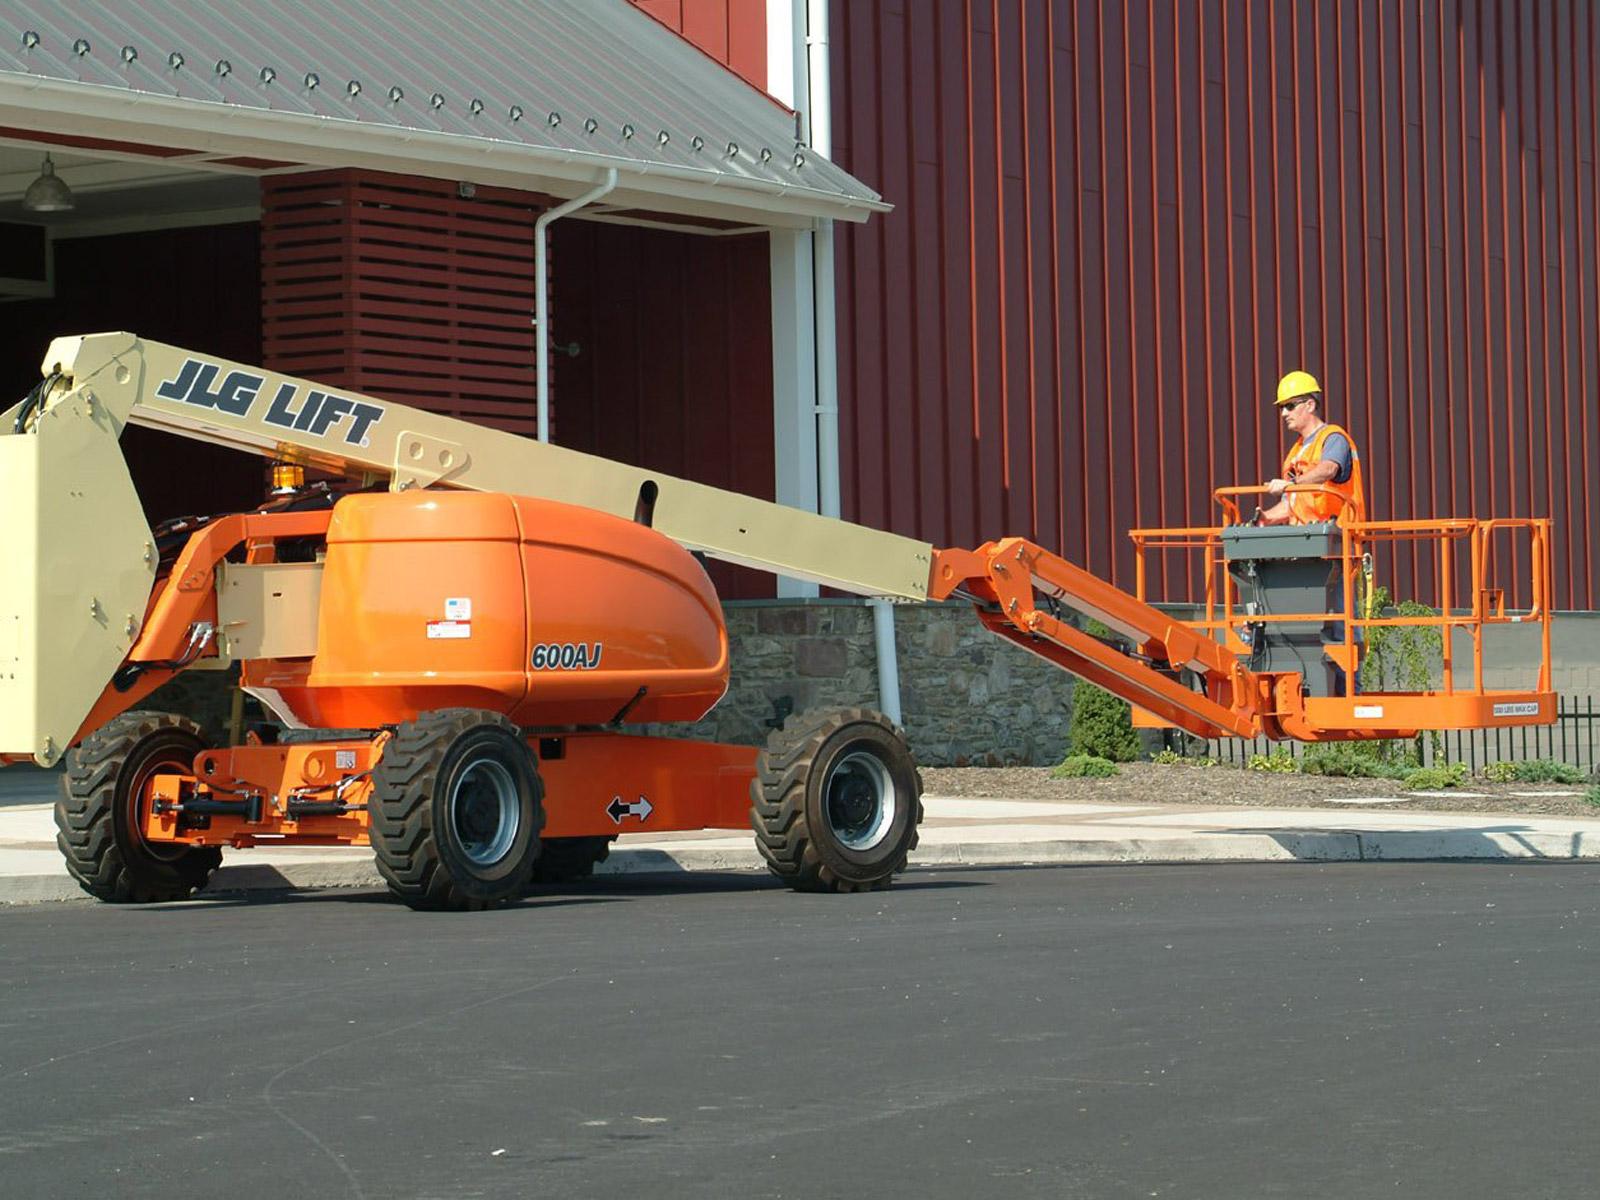 600aj articulating boom lift jlg articulating boom lifts